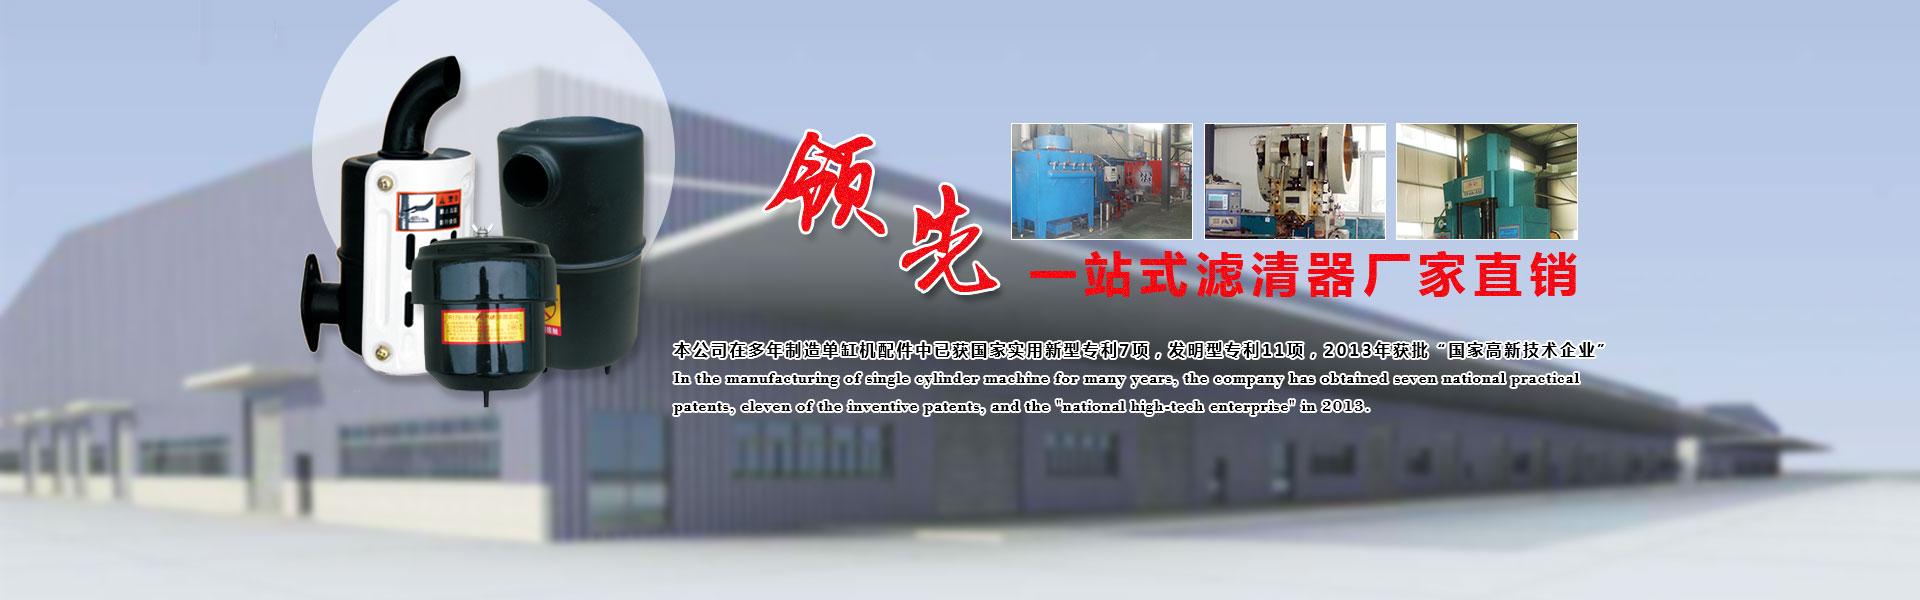 空气滤清器公司